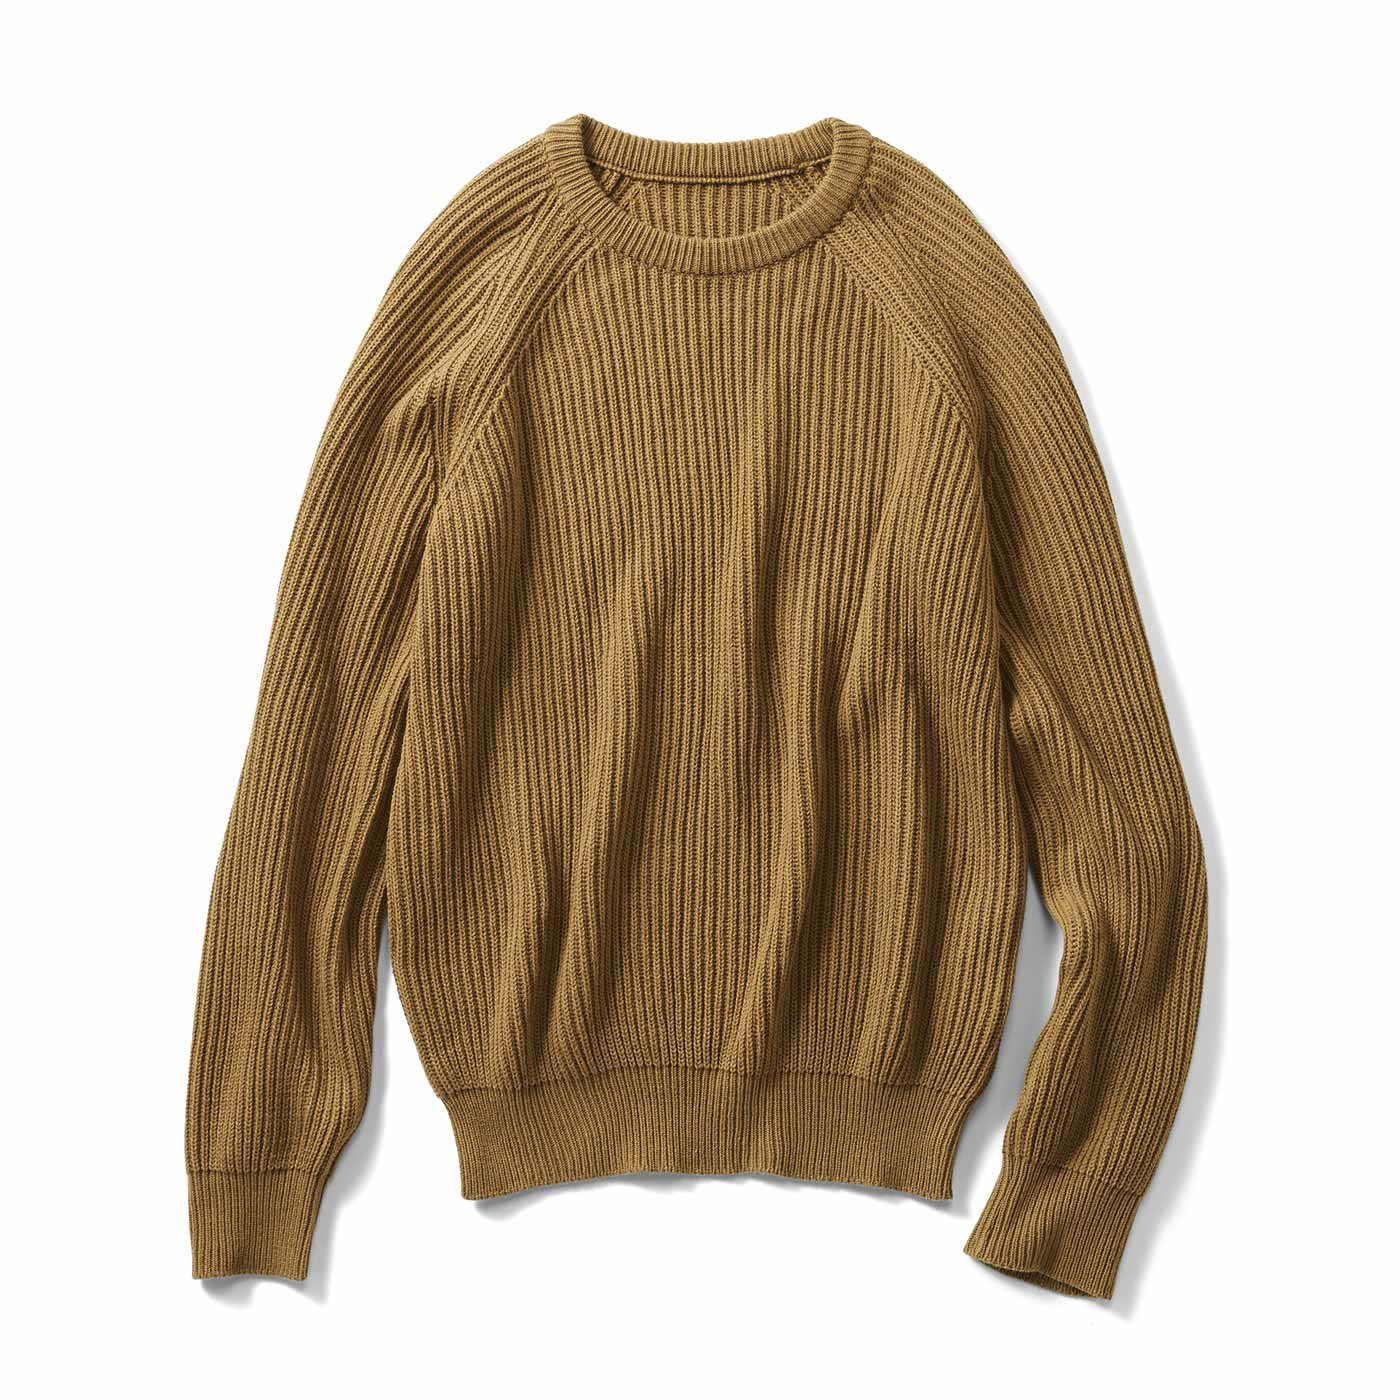 THREE FIFTY STANDARD 畦(あぜ)編みのざっくりニットセーター〈キャメル〉